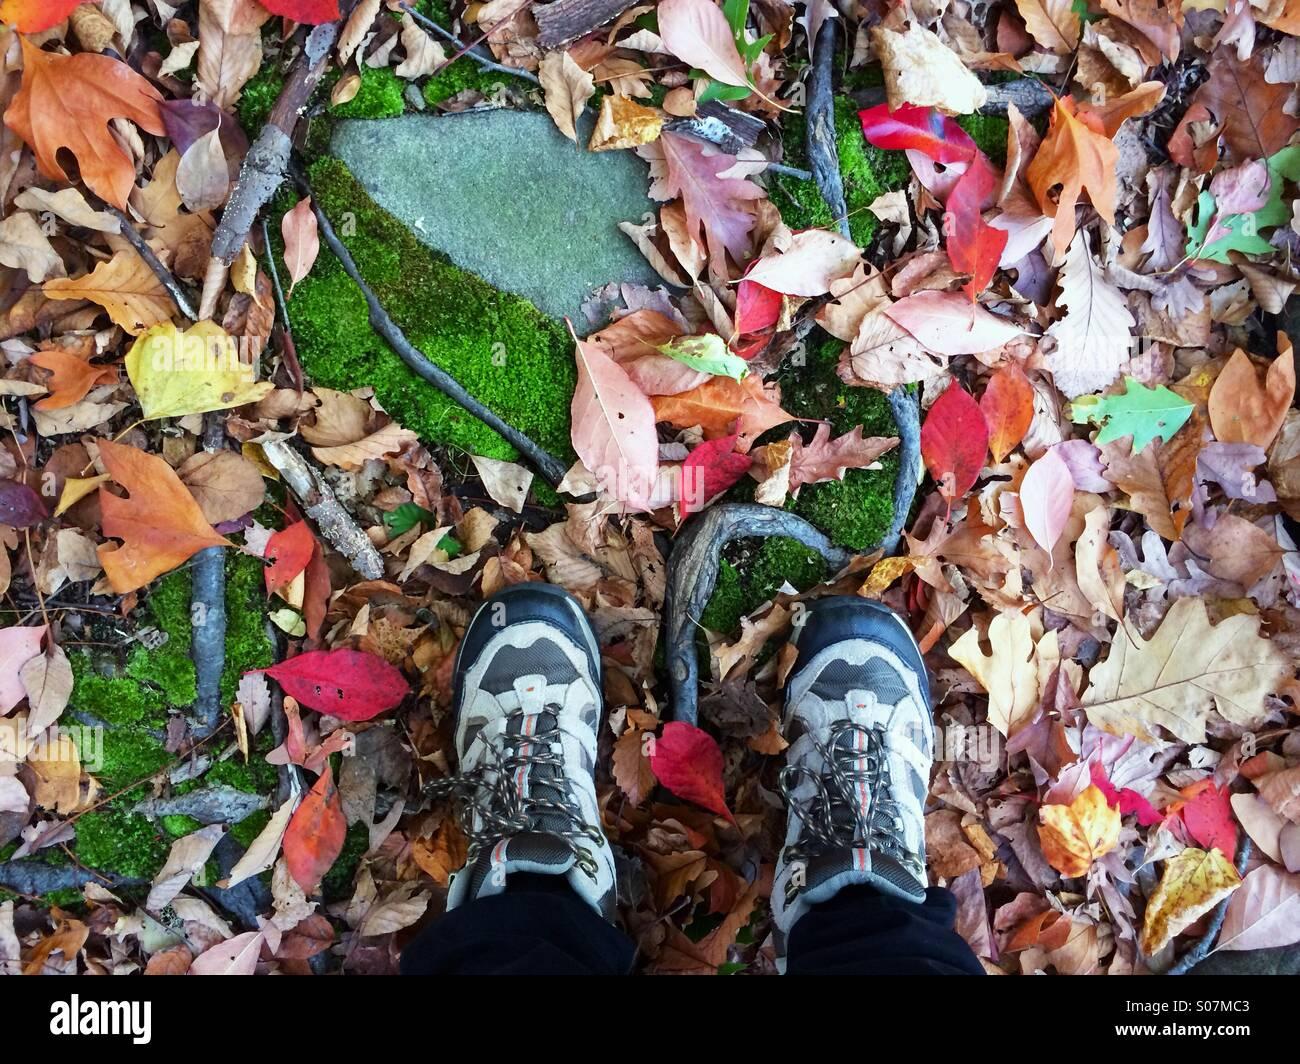 Regardant vers le bas à l'automne lors d'une randonnée avec feuillage d'automne, de mousse et de racines aux pieds Banque D'Images